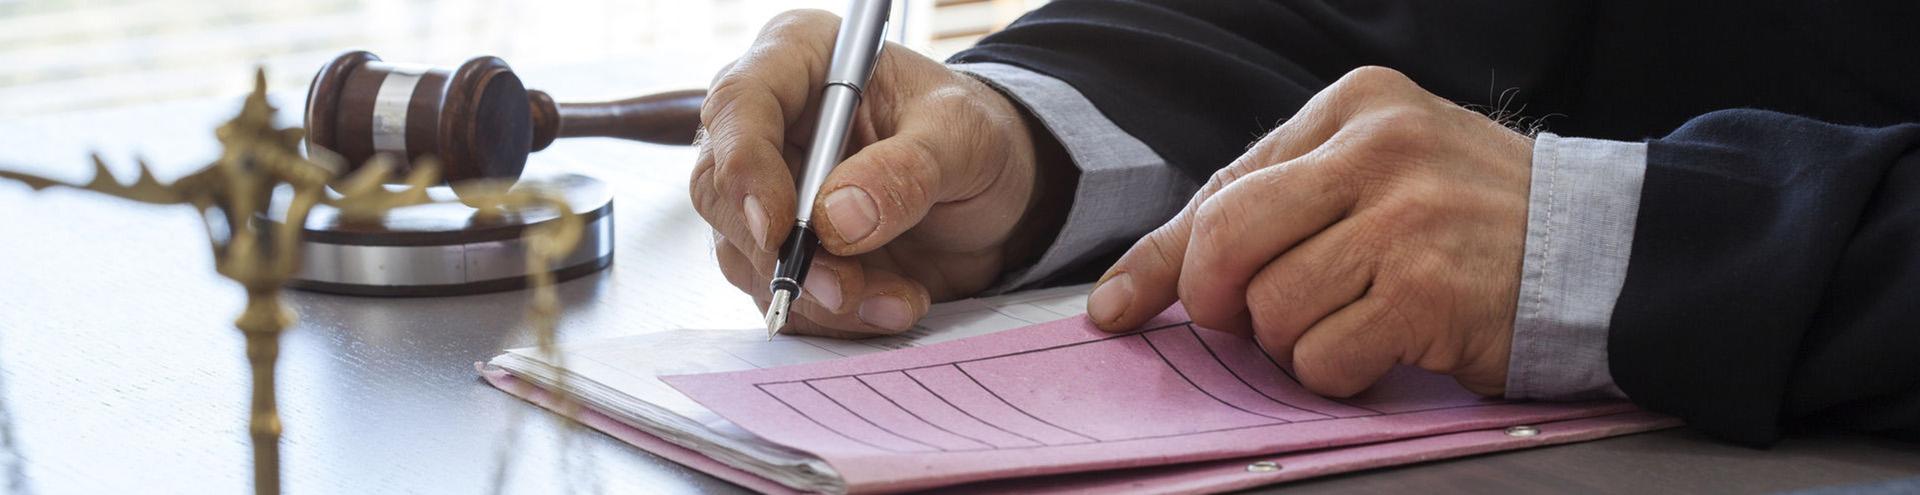 розыск должника в исполнительном производстве в Чебоксарах